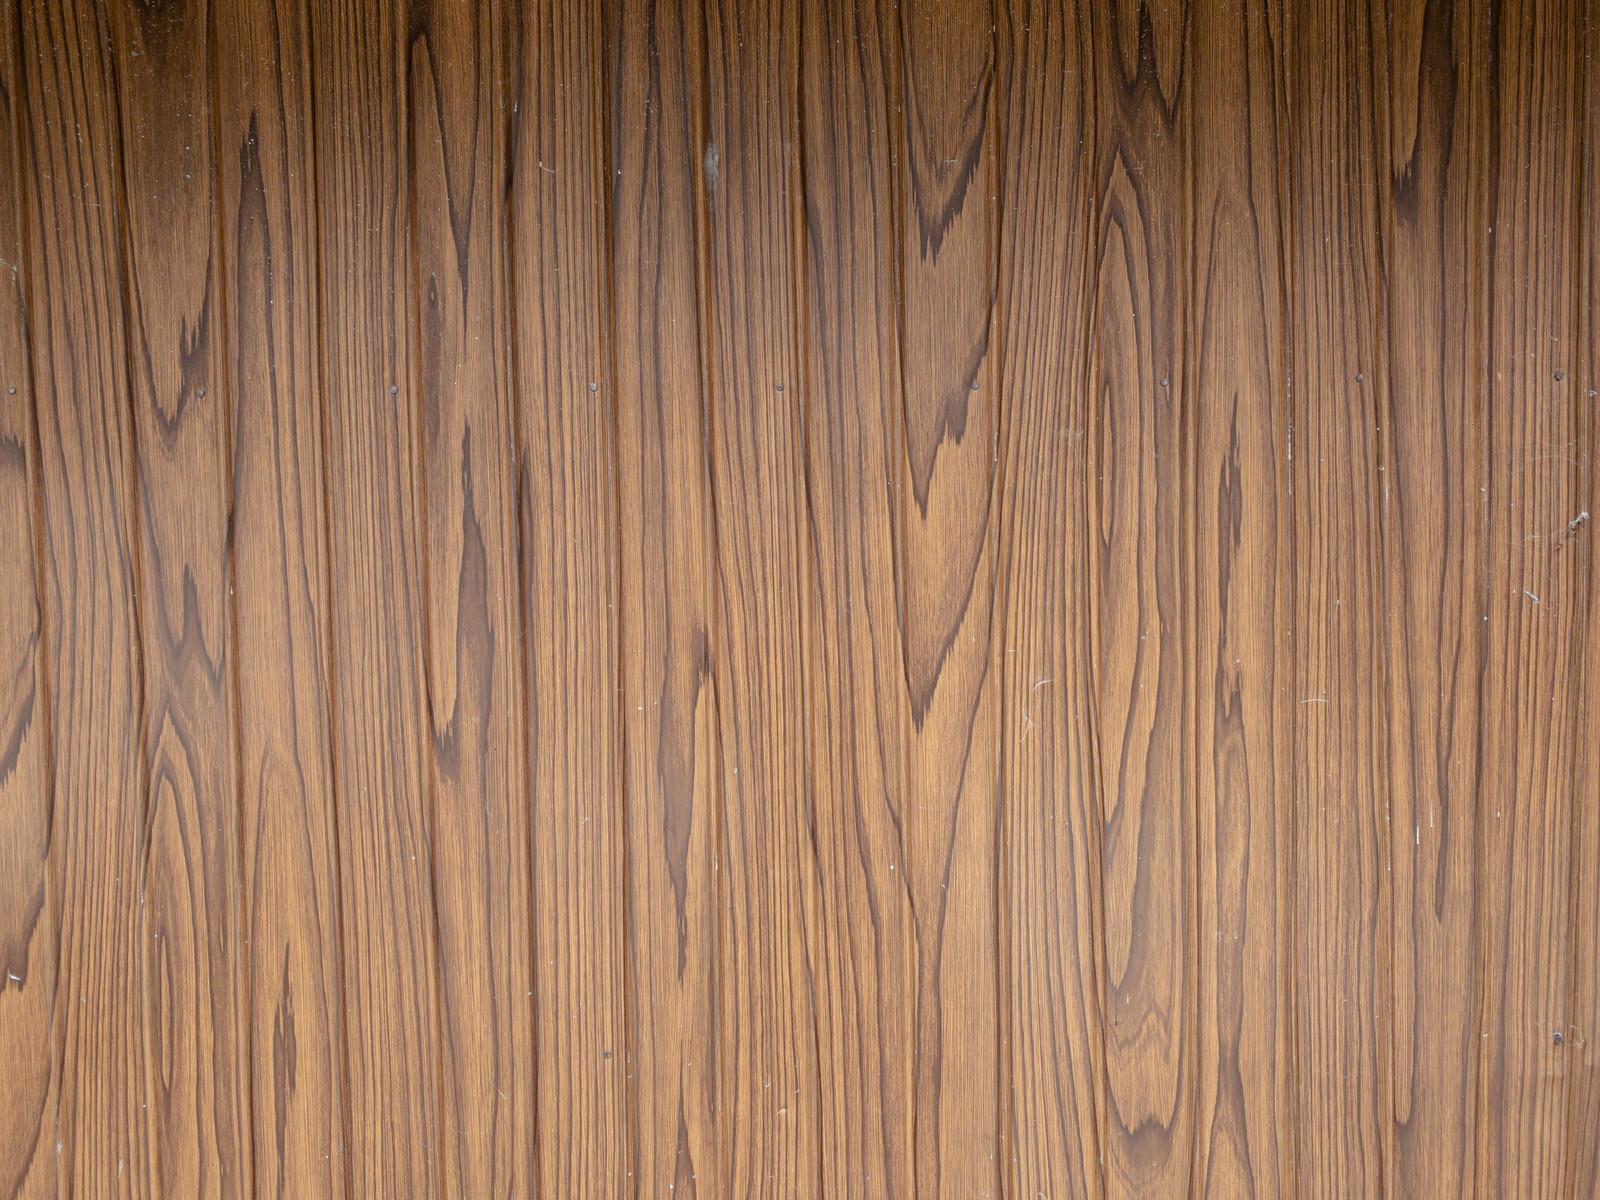 「影が入った木目調の壁(テクスチャ)」の写真